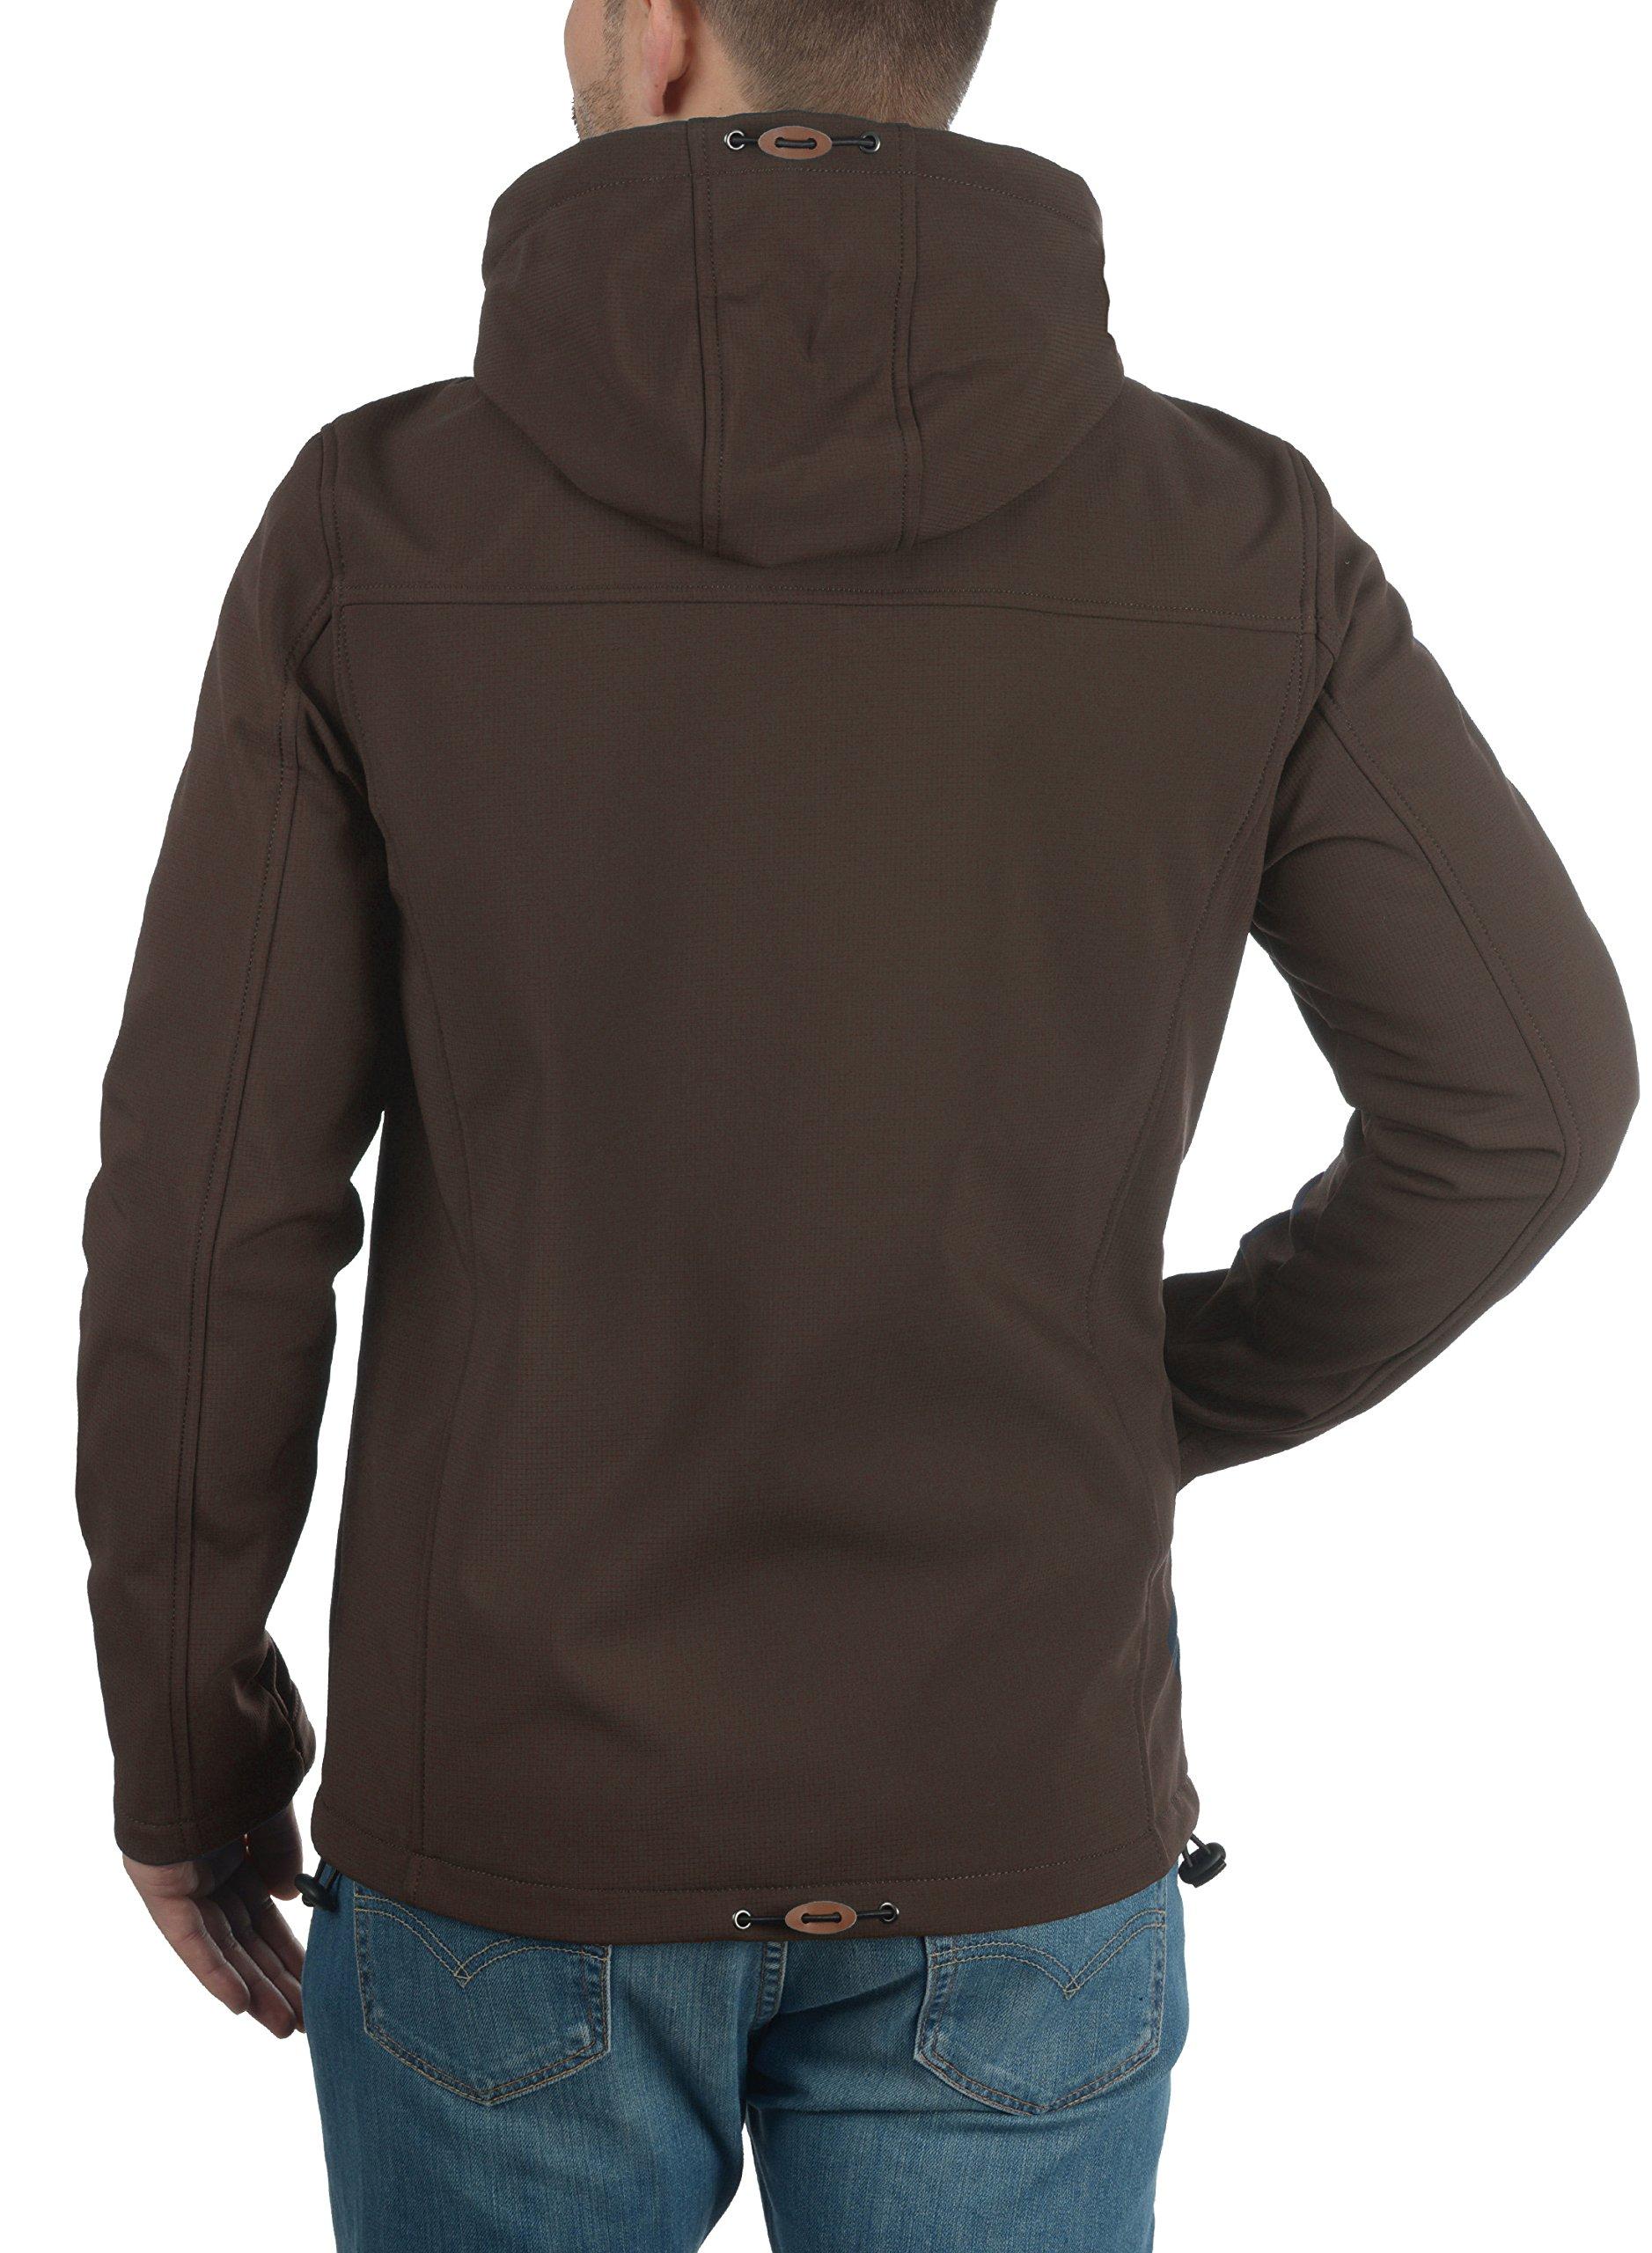 Indicode Jonas Chaqueta Softshell Abrigo Chaquetas De Entretiempo Para Hombre Con Capucha Con Forro Polar Suave Al Tacto